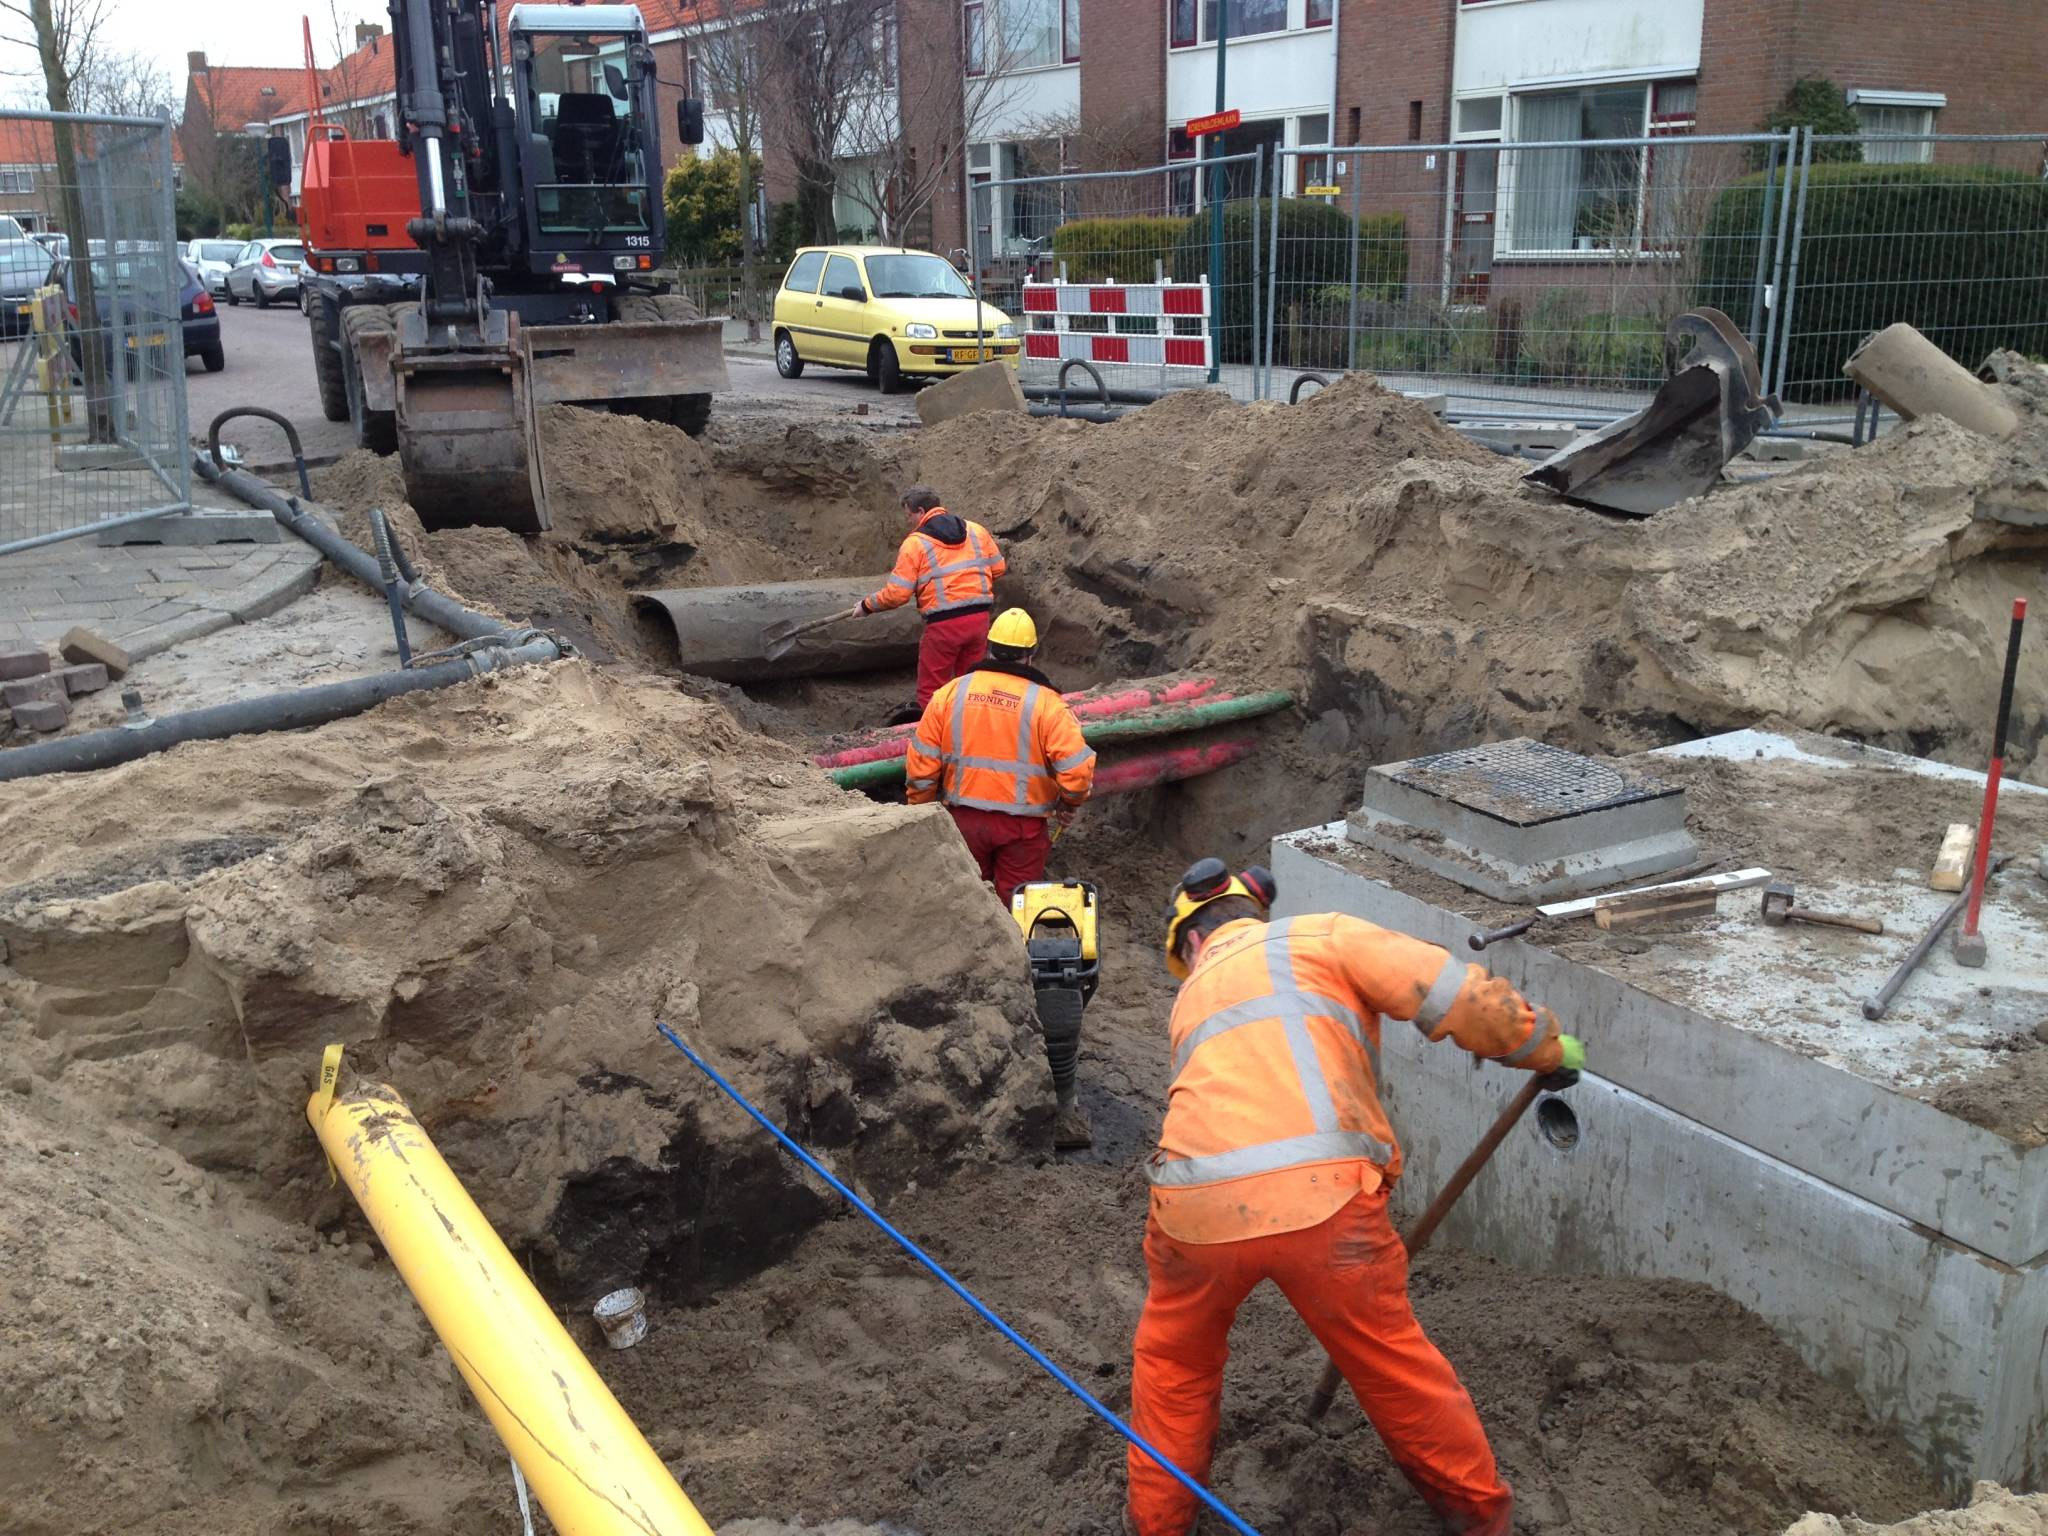 Aannemingsbedrijf Fronik Infra B.V. in Mijdrecht Oegstgeest, sanering riolering 2014